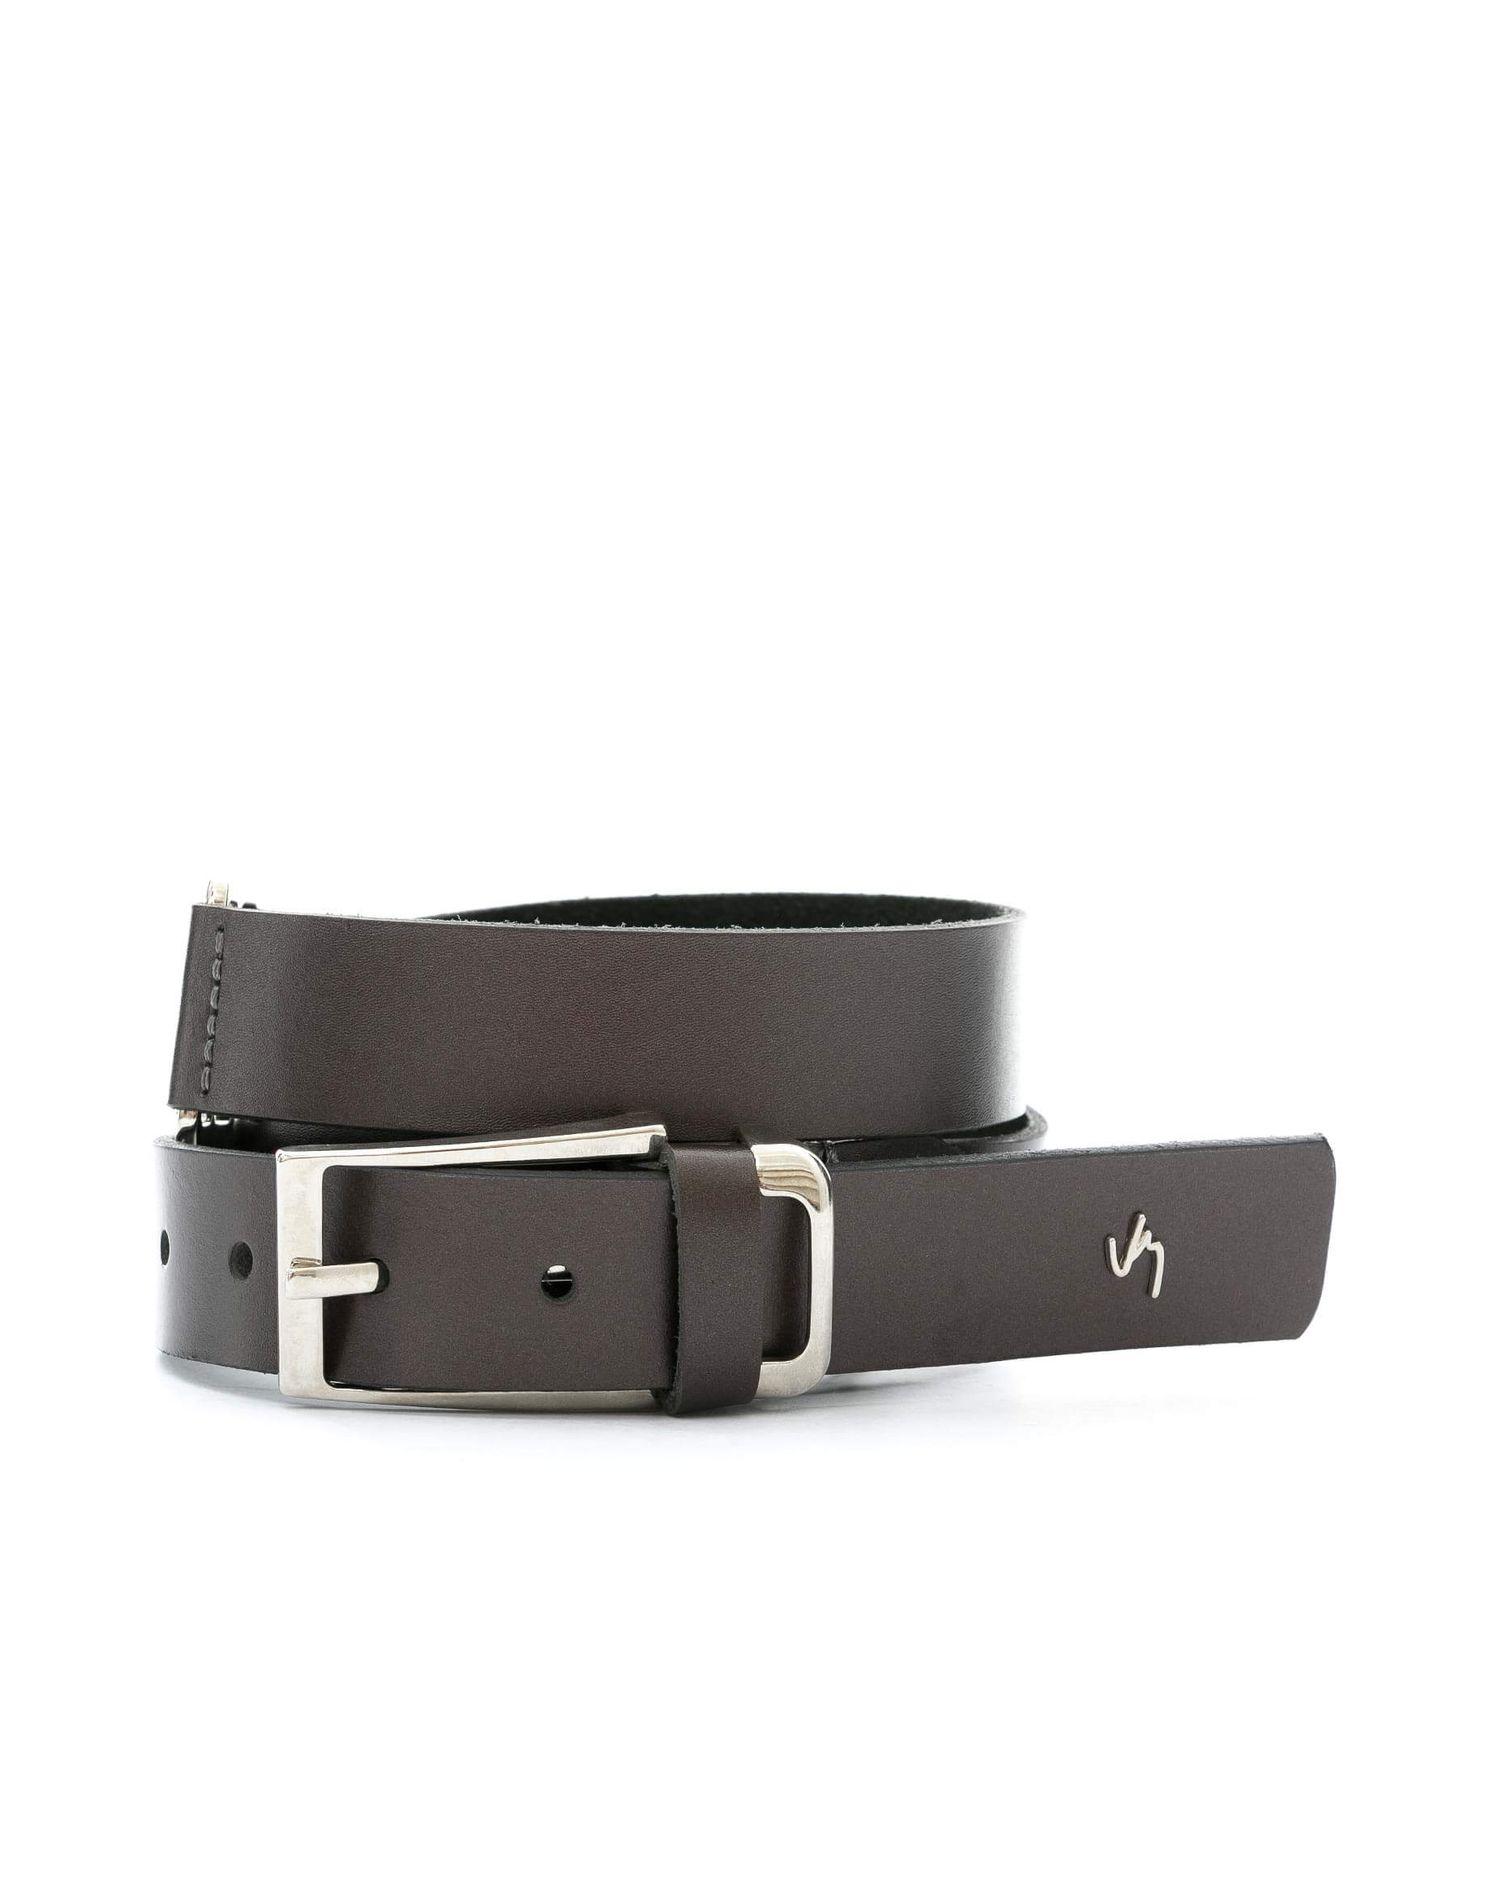 f3a3866ce367f Cinturón unifaz de cuero para mujer 13574